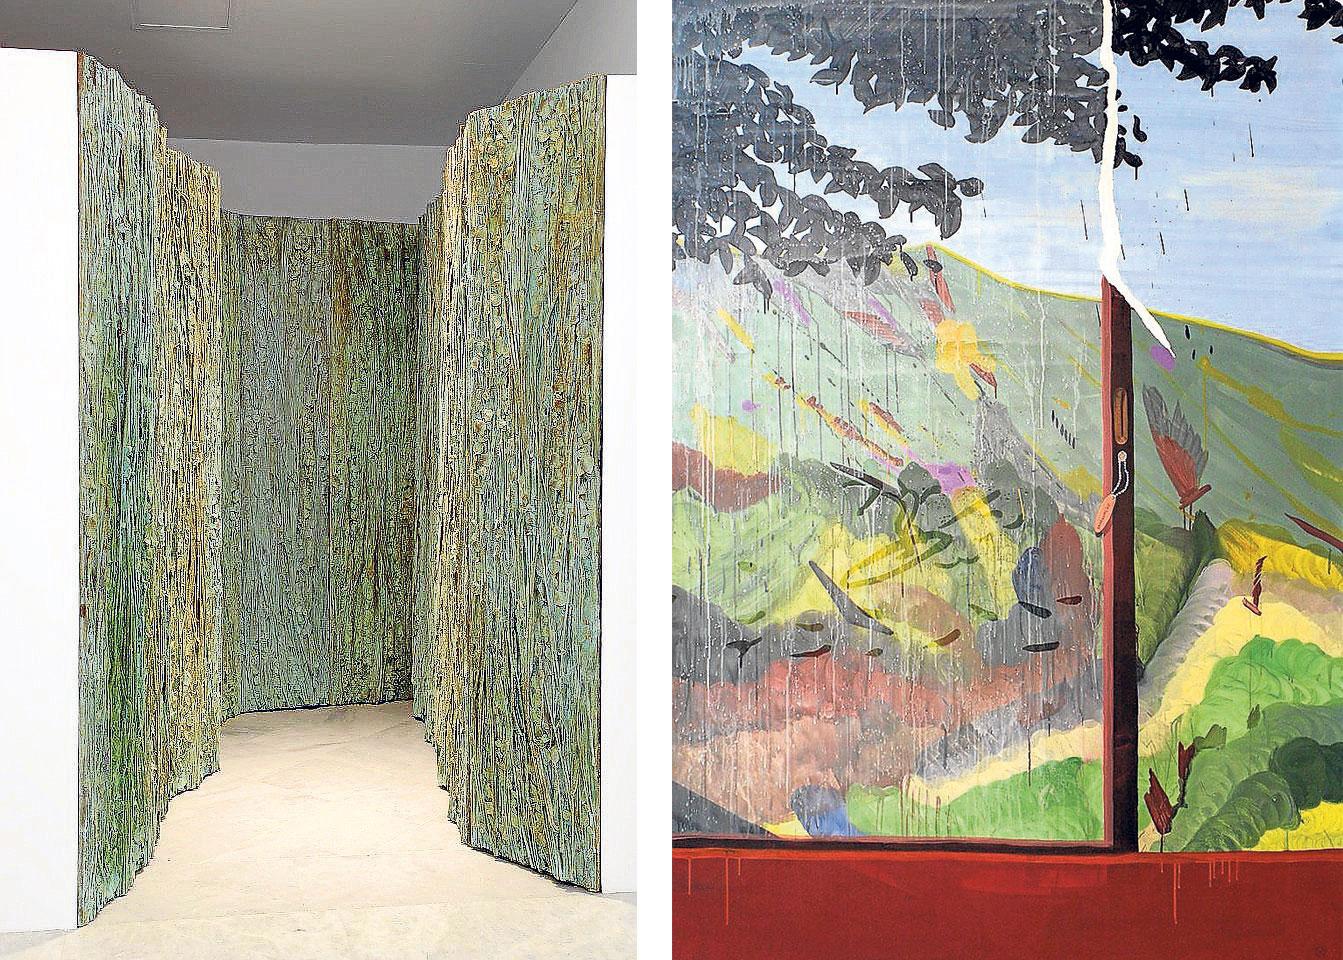 A la izquierda, obras de Cristina Iglesias y Miki Leal, respectivamente.